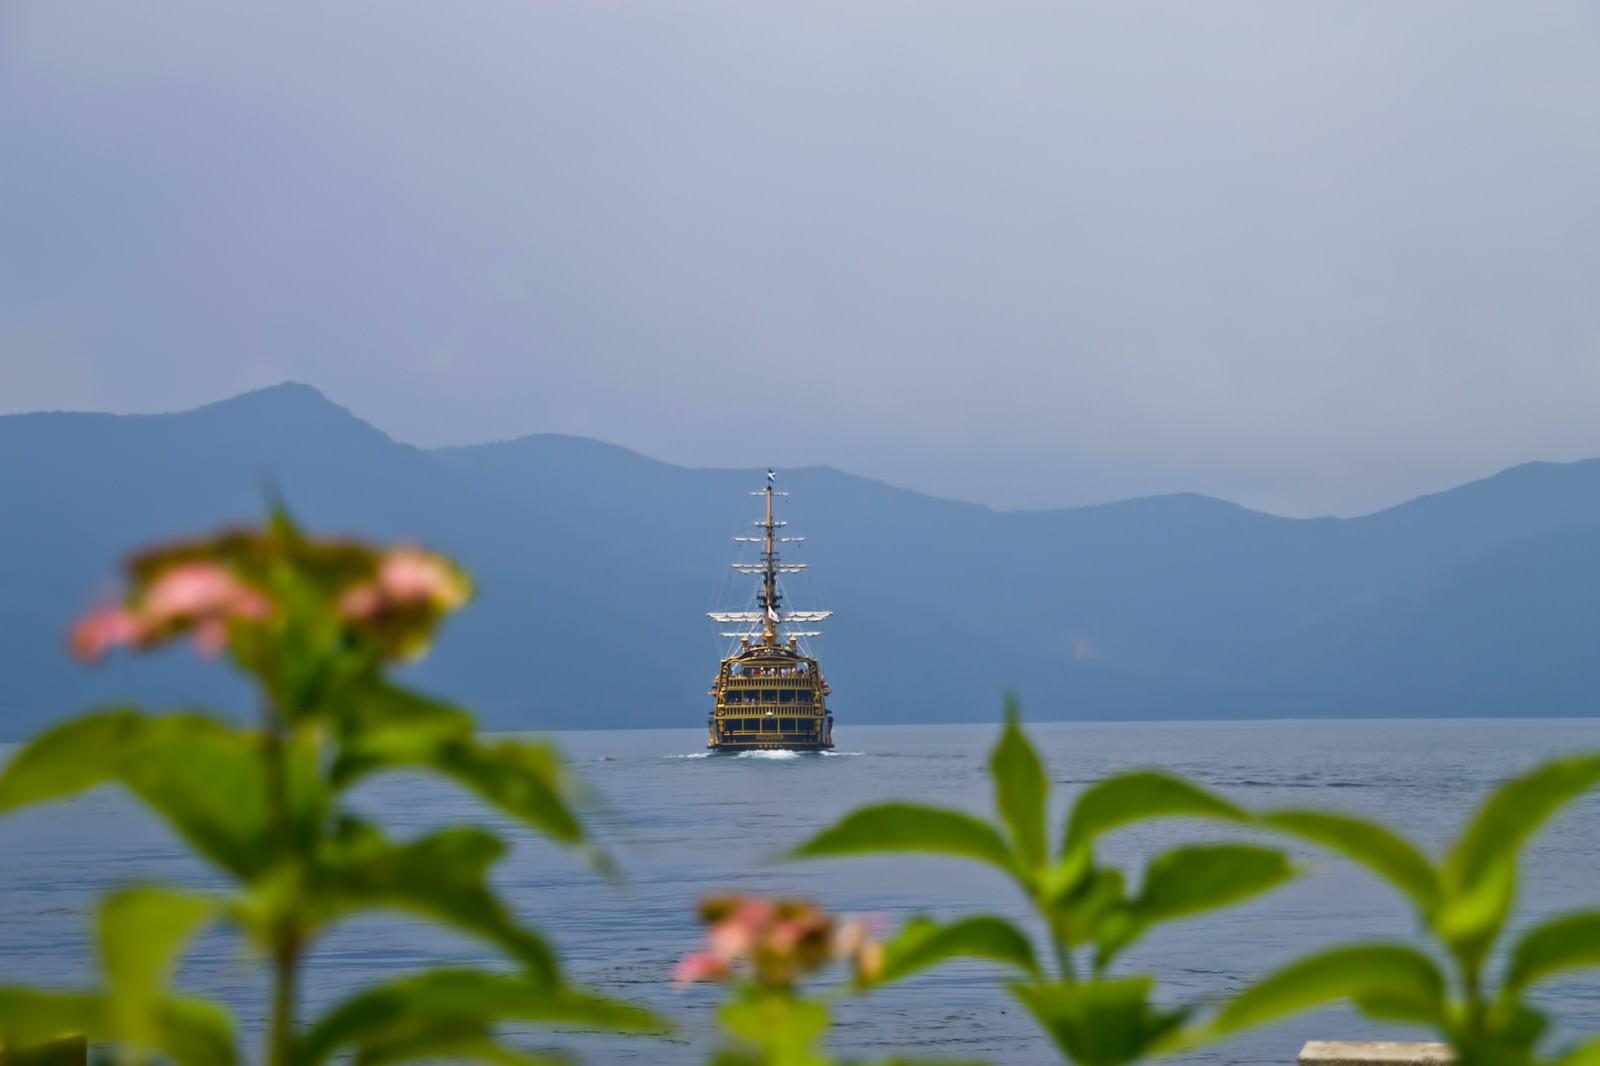 「芦ノ湖と海賊船」の写真